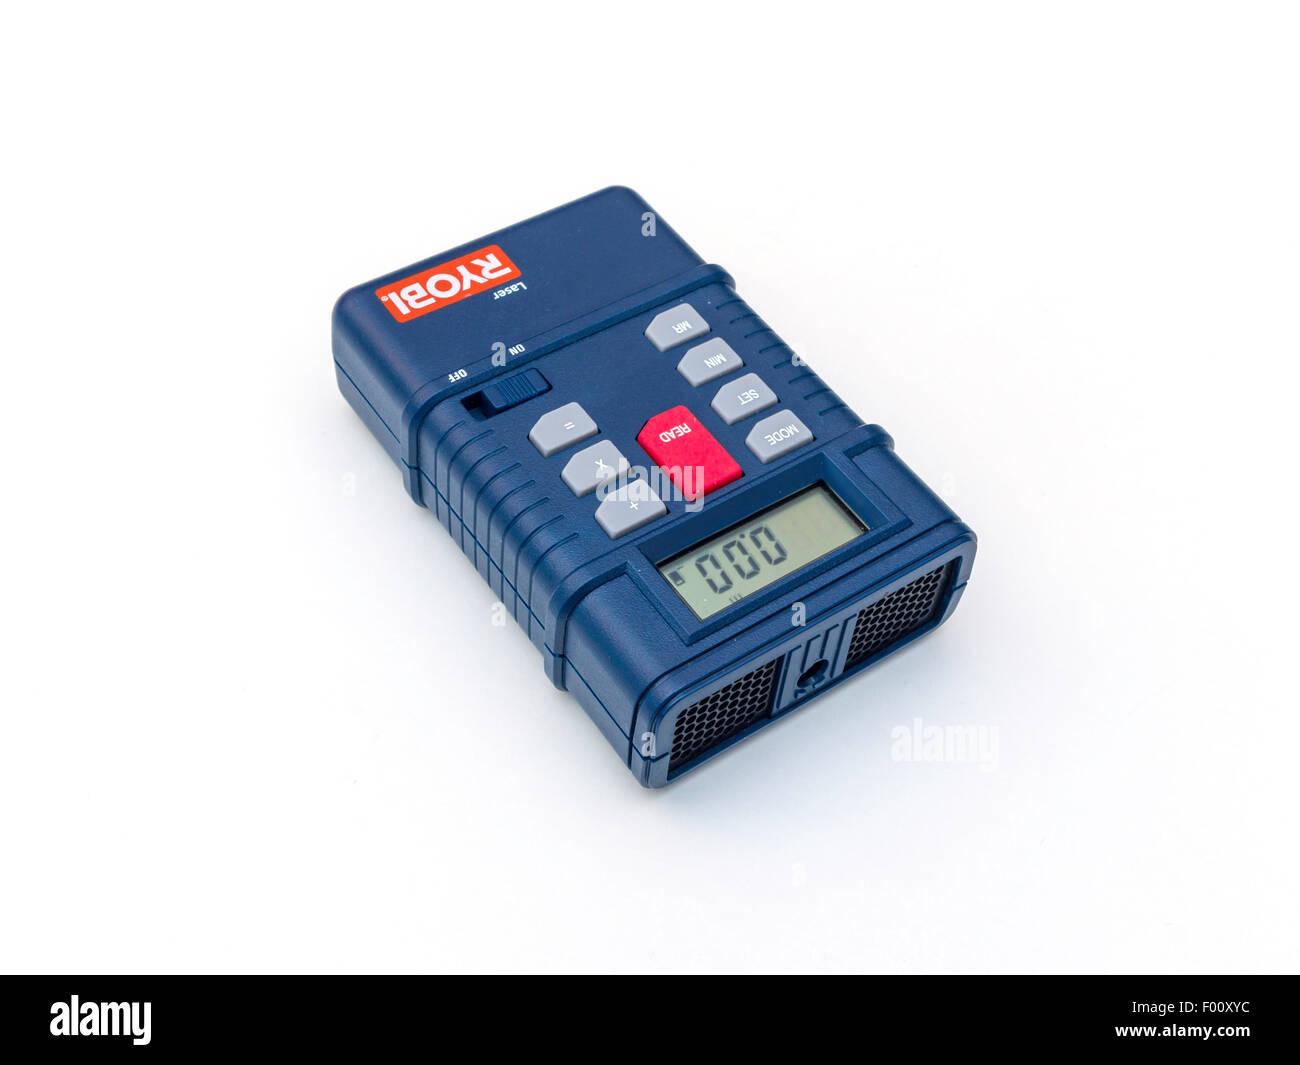 Ryobi lasermesseinrichtung an 0.6metres 12.5metres auf weißem